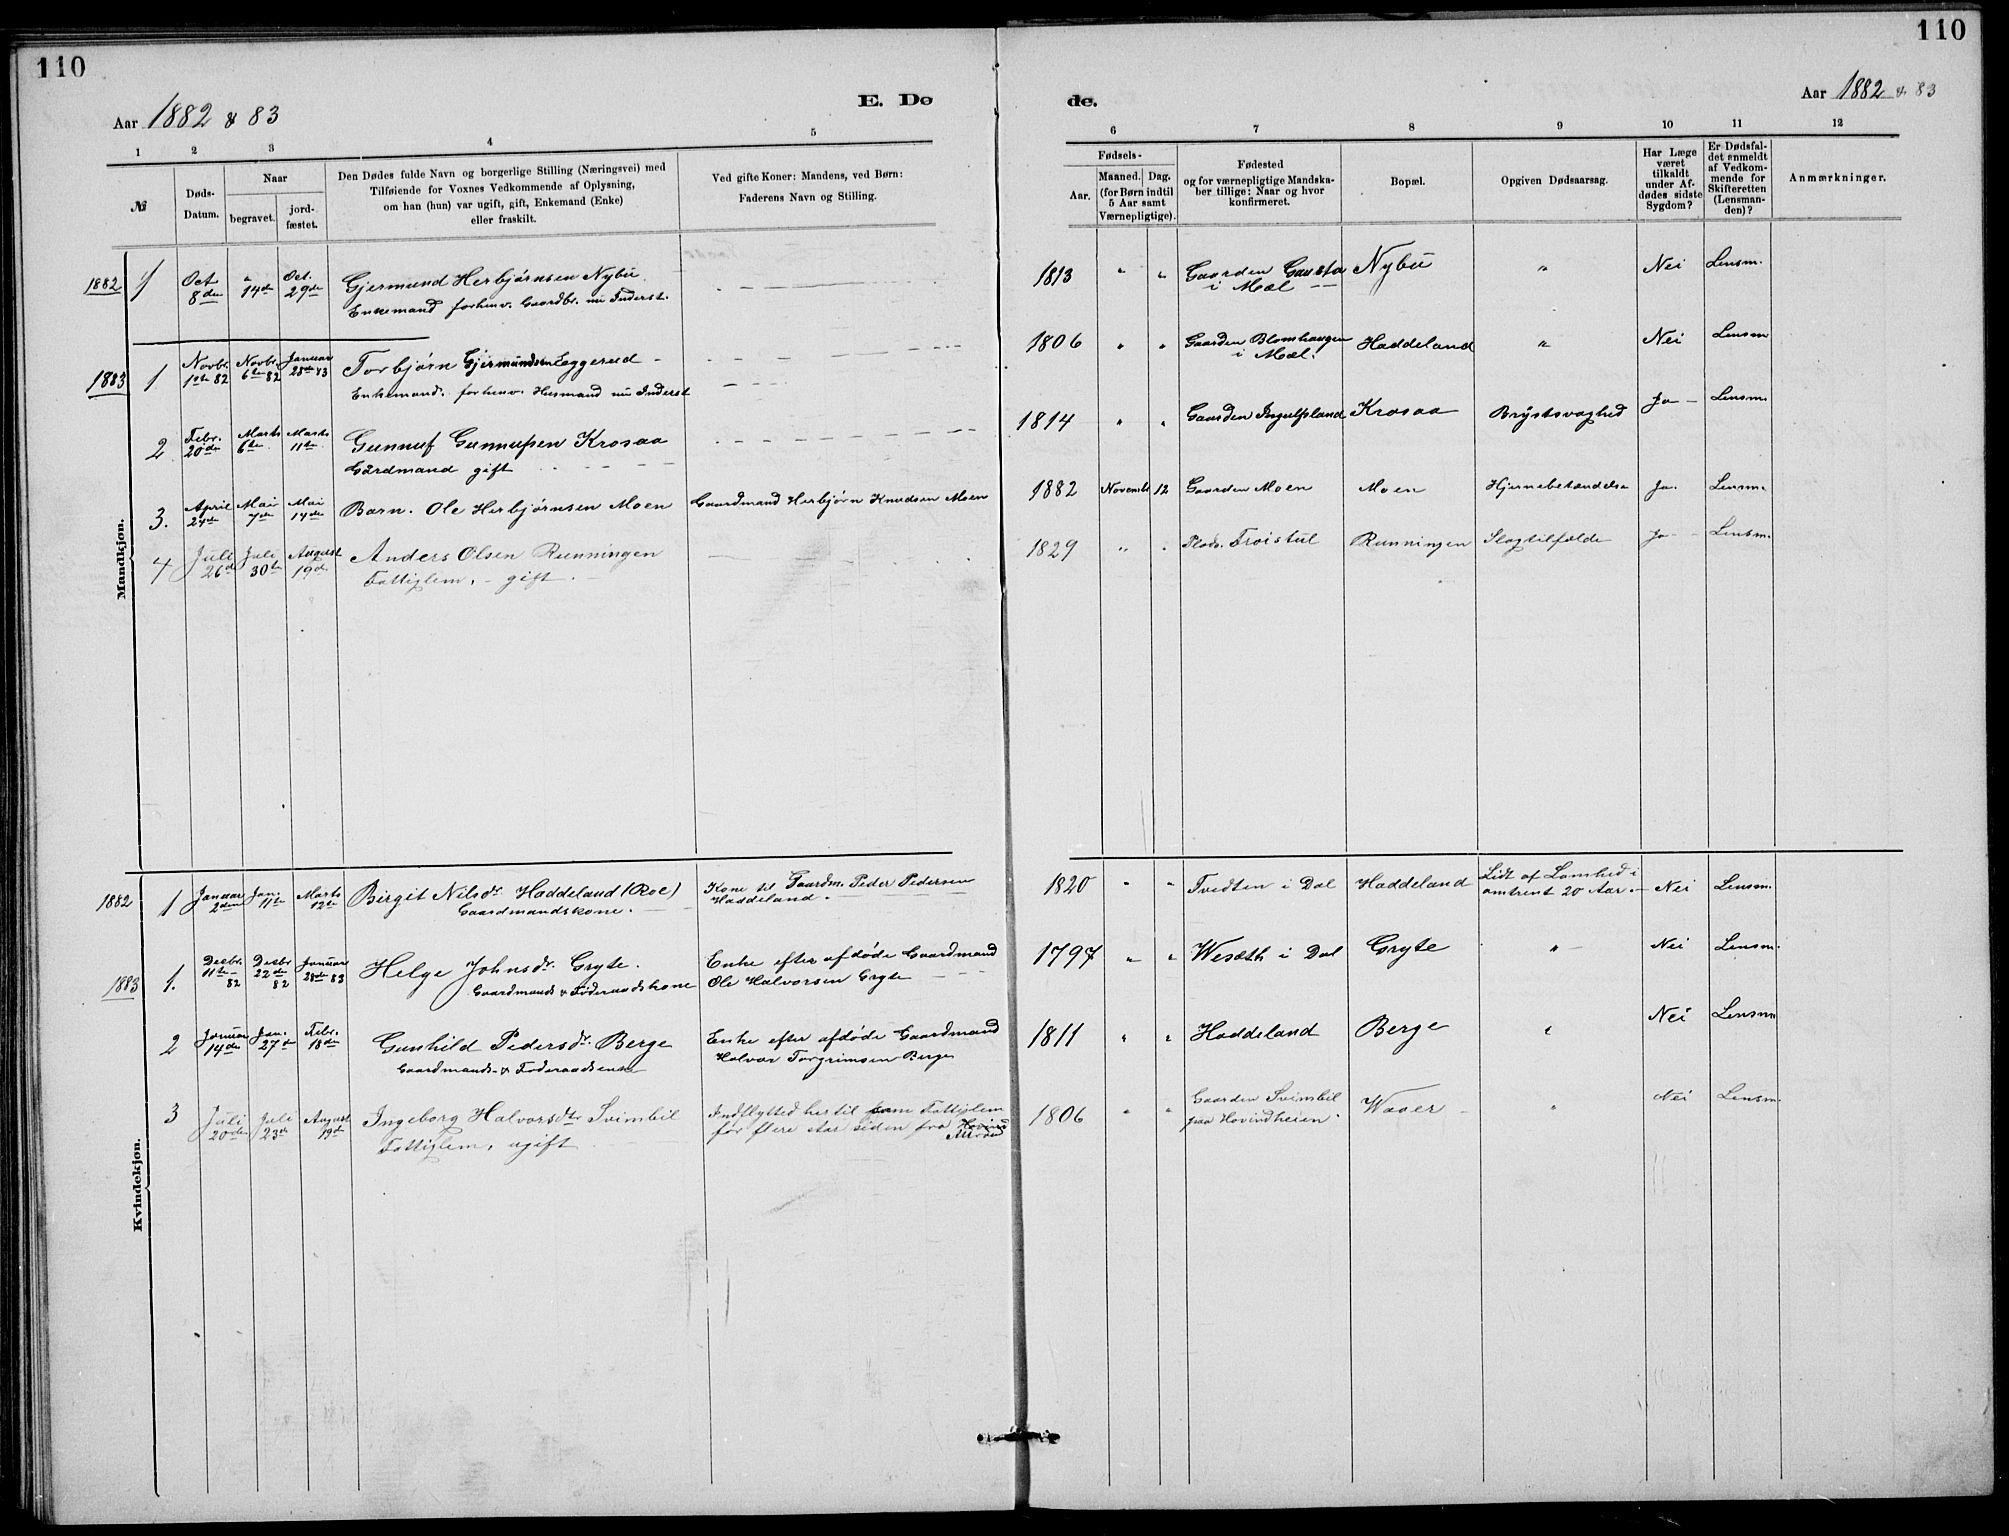 SAKO, Rjukan kirkebøker, G/Ga/L0001: Klokkerbok nr. 1, 1880-1914, s. 110